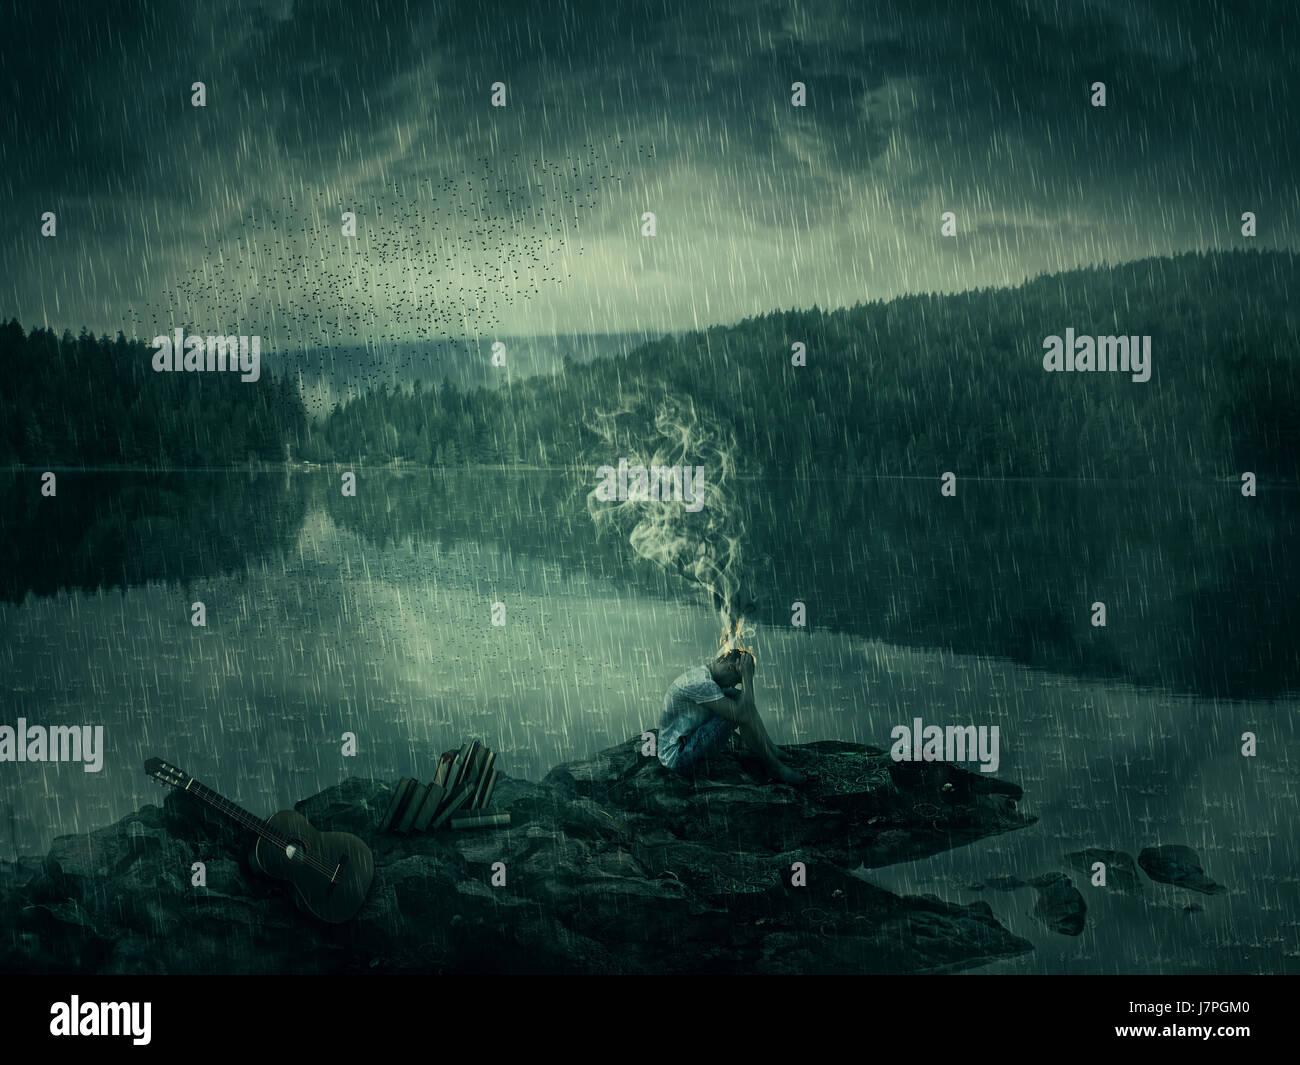 Jeune garçon, l'artiste avec une guitare et des livres, de s'asseoir sur un rivage rocheux près Photo Stock